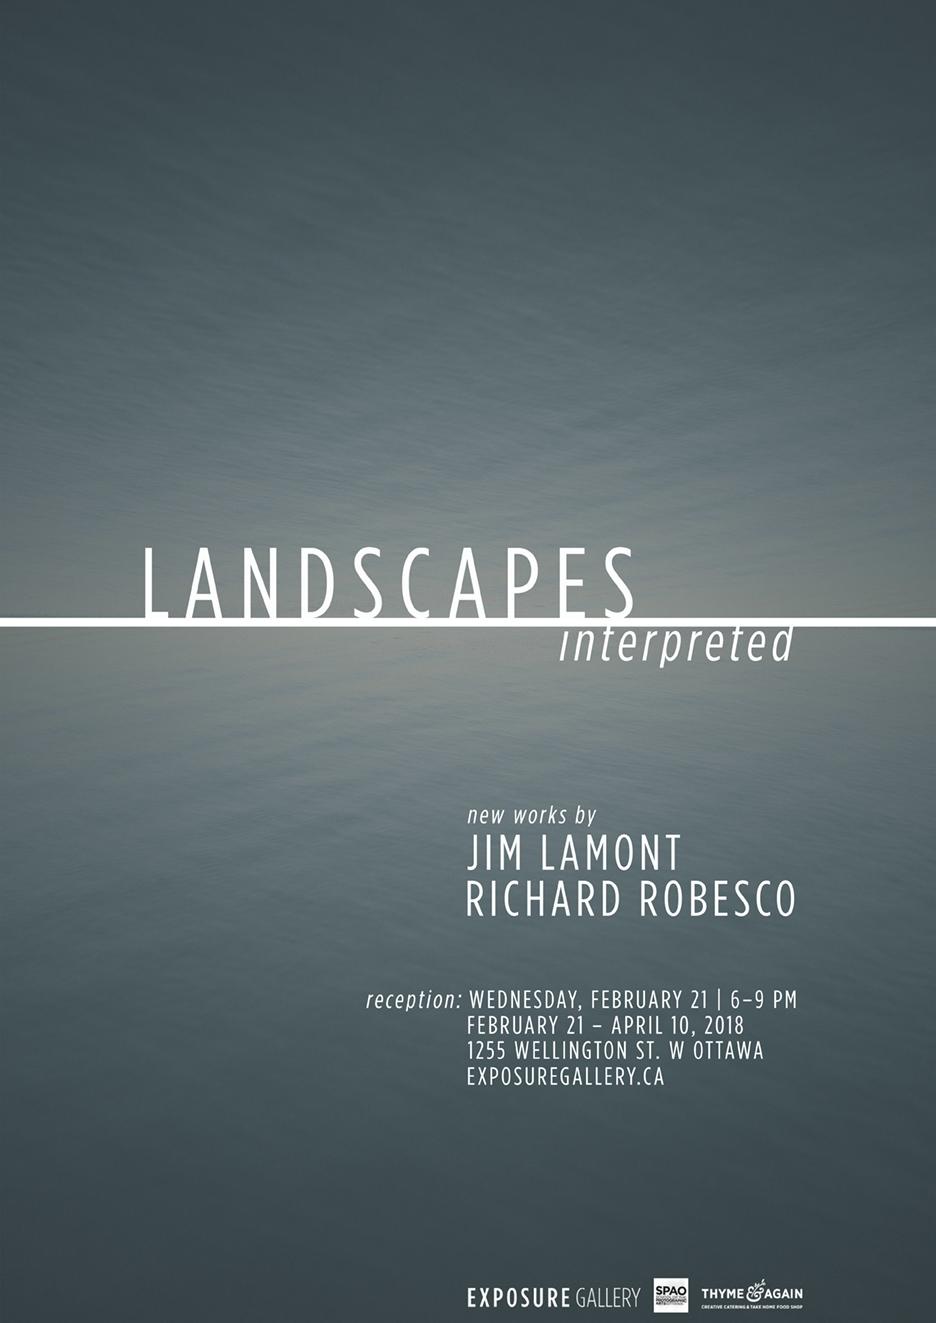 LANDSCAPES_interpreted_poster.jpg